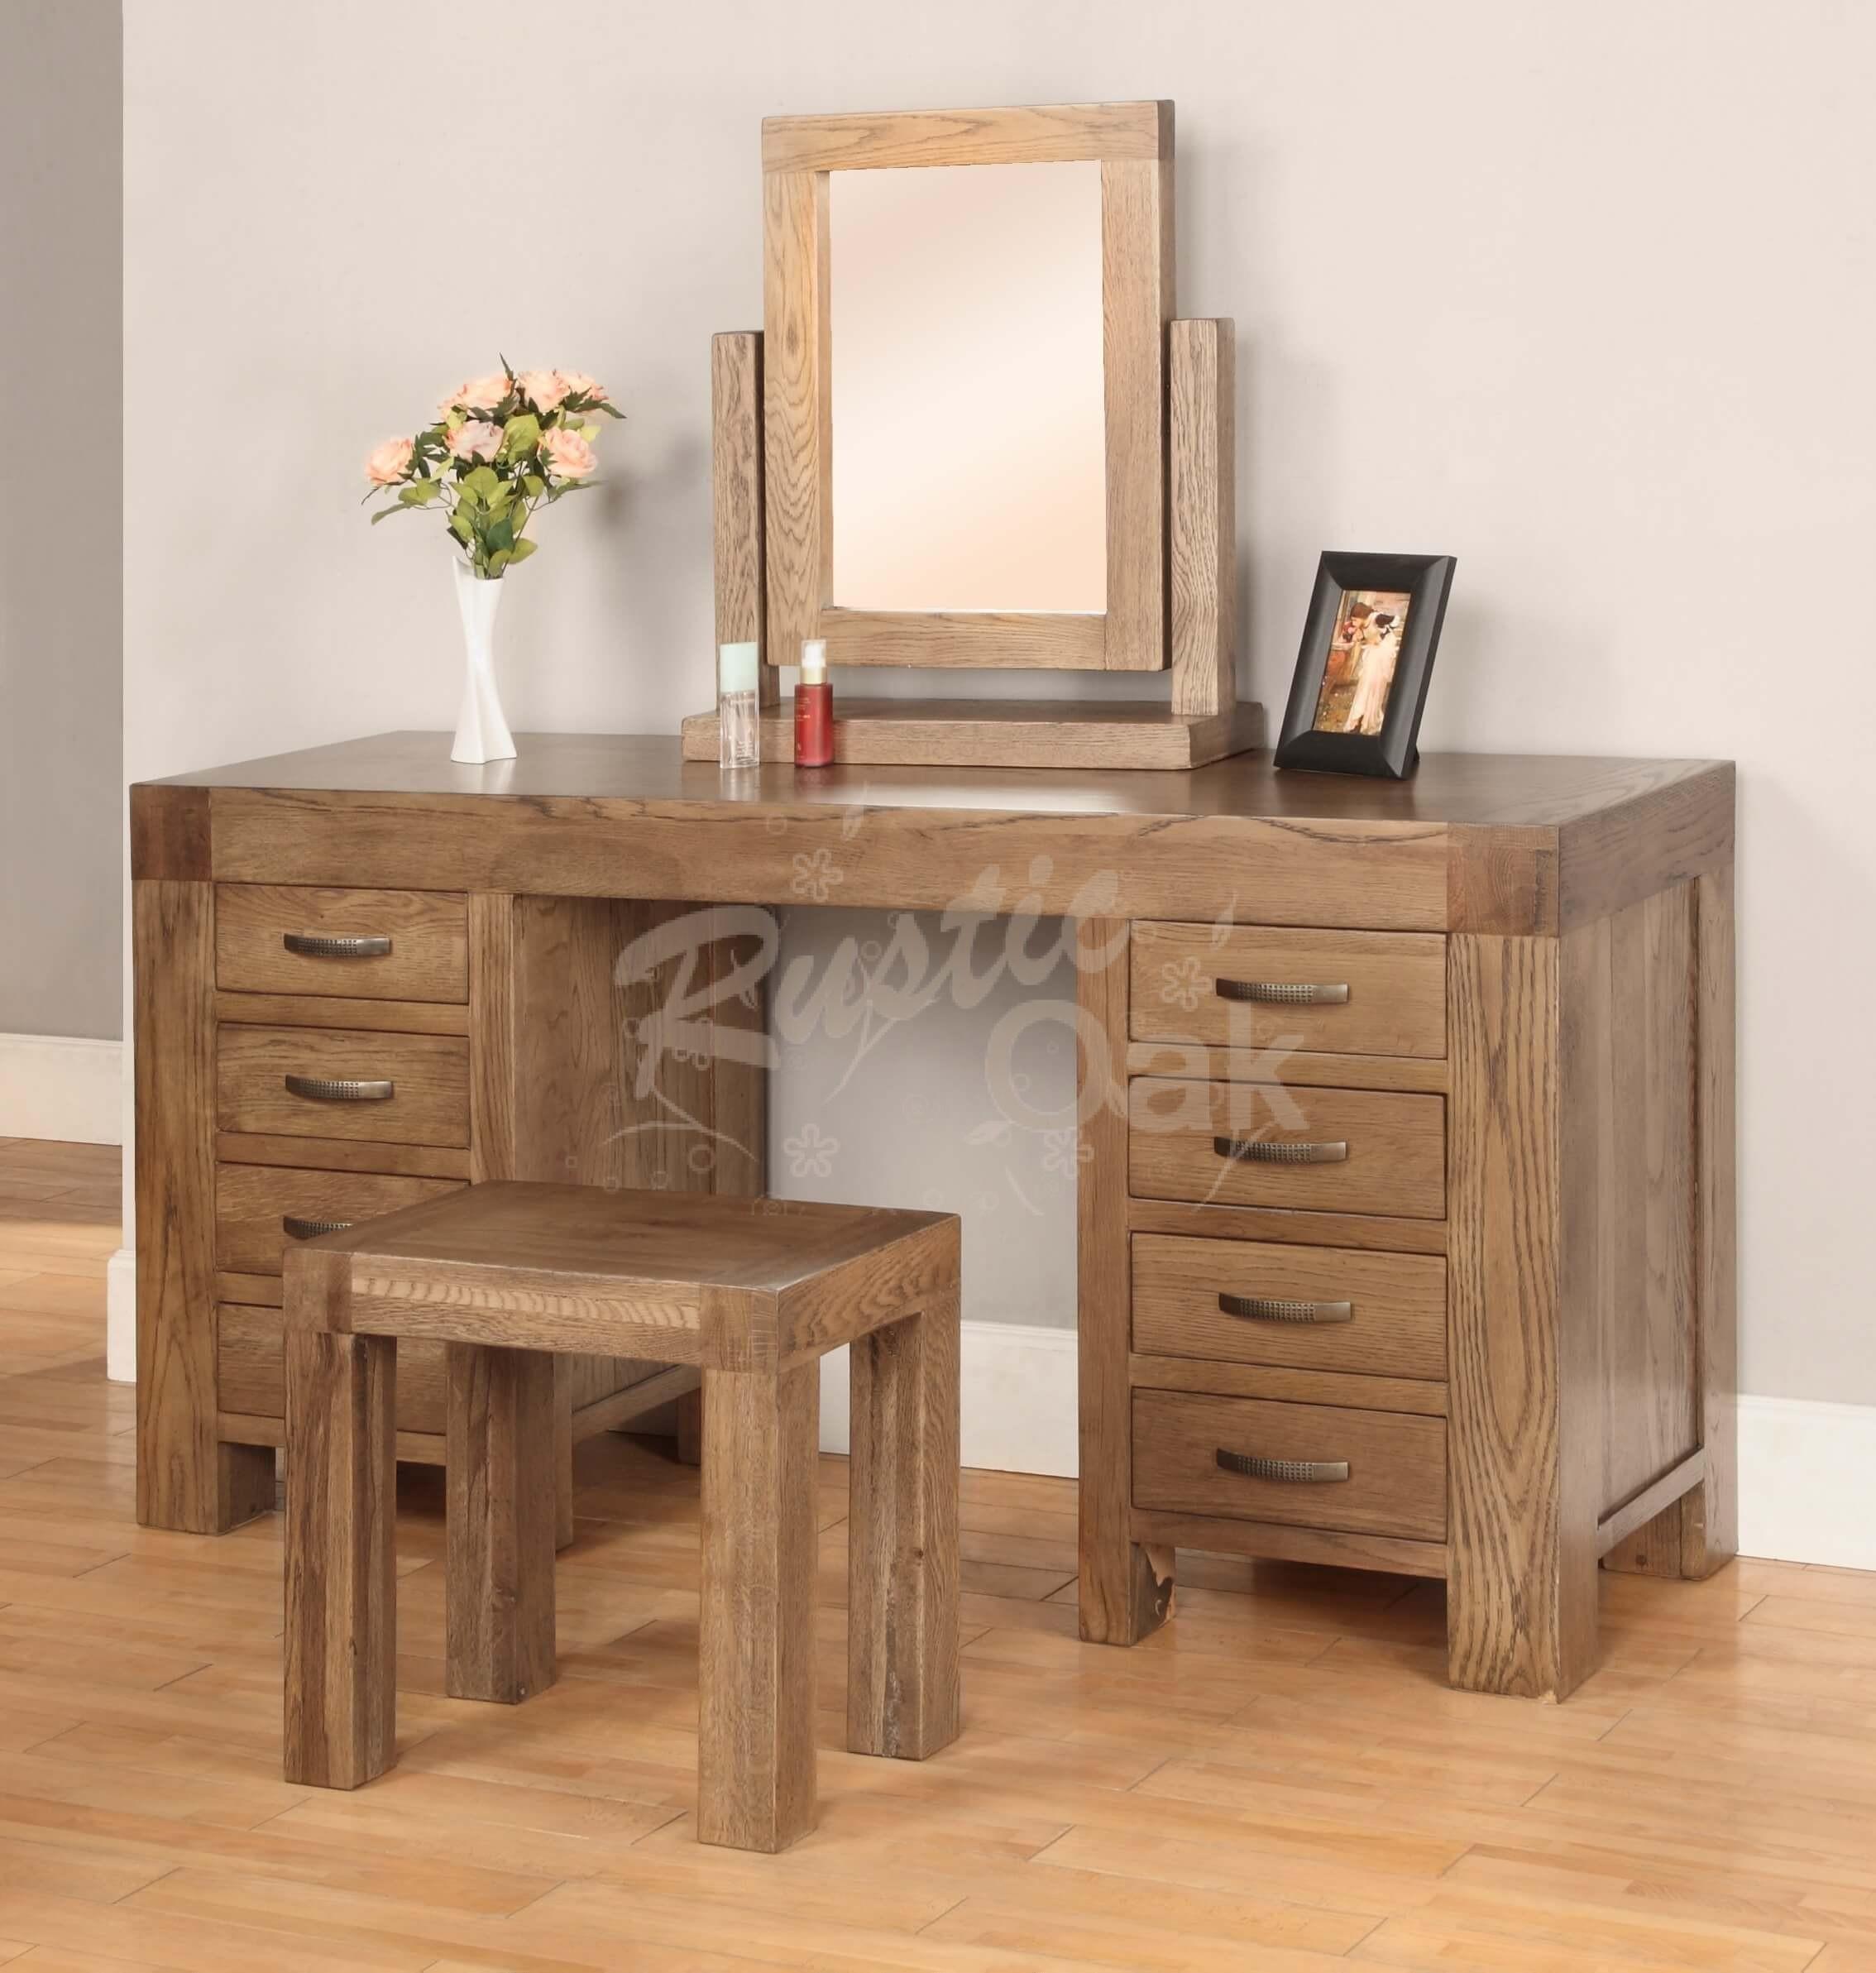 Santana Dressing Table Stool Rustic Oak - Rustic oak dressing table